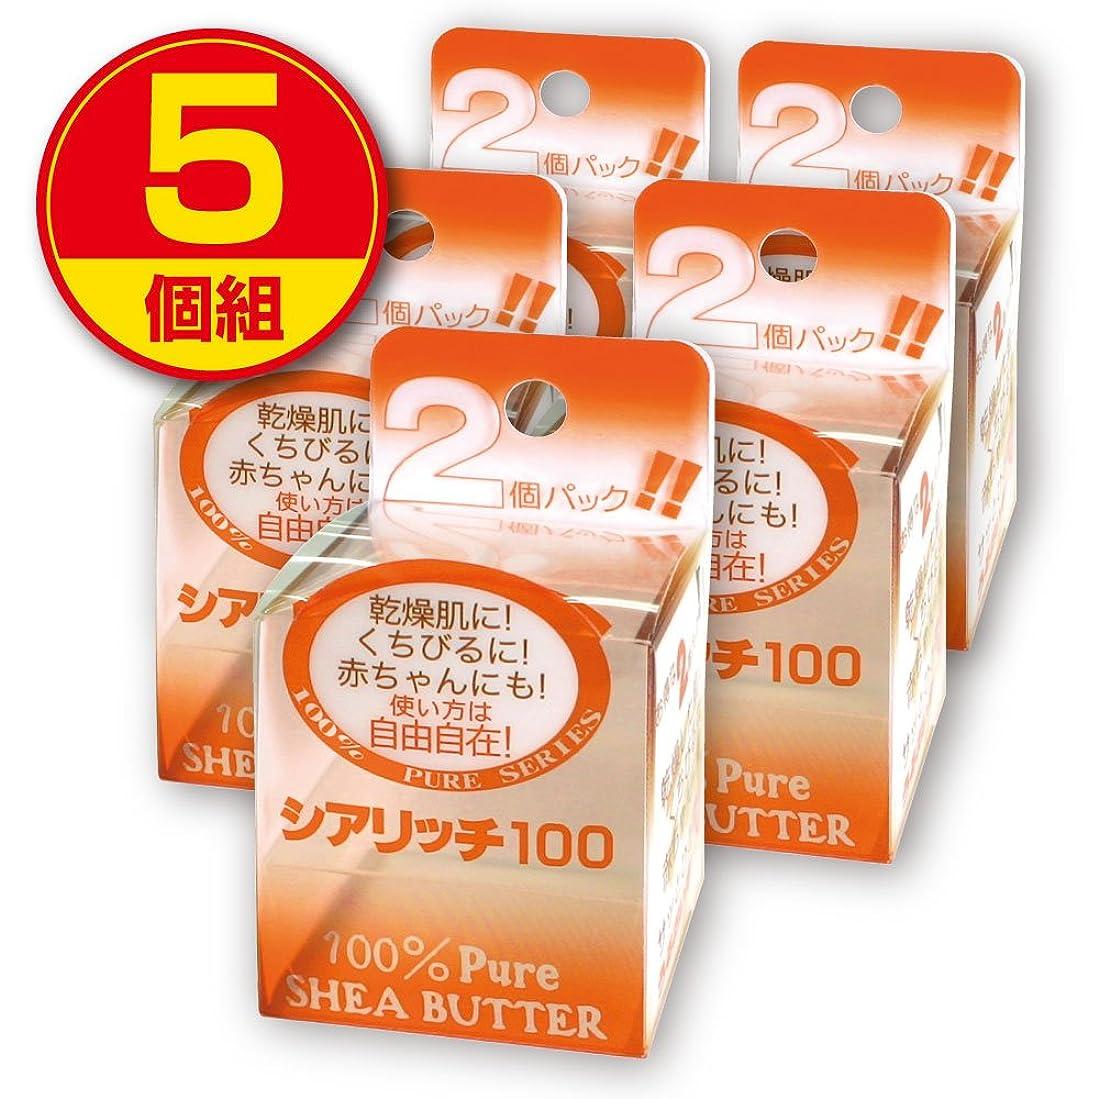 平和床を掃除する自然公園日本天然物研究所 シアリッチ100 (8g×2個入り)【5個組】(無添加100%シアバター)無香料